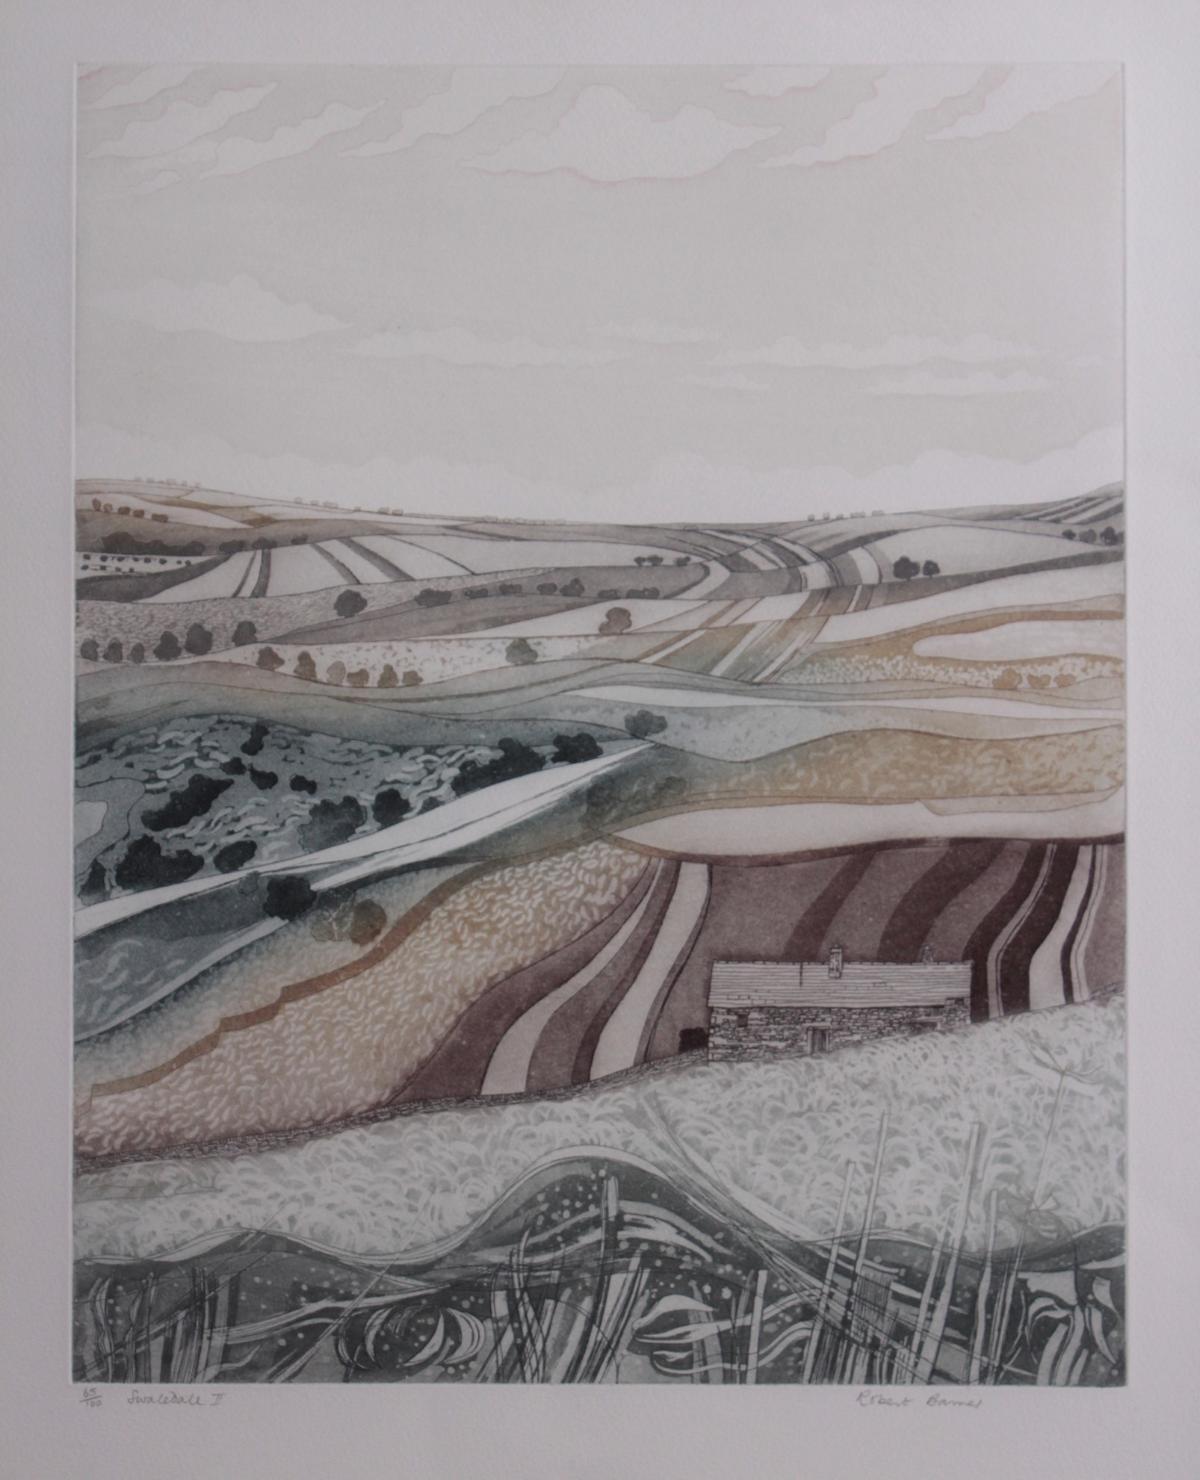 Robert Barnes (1974). Swaledale I, II und III-4